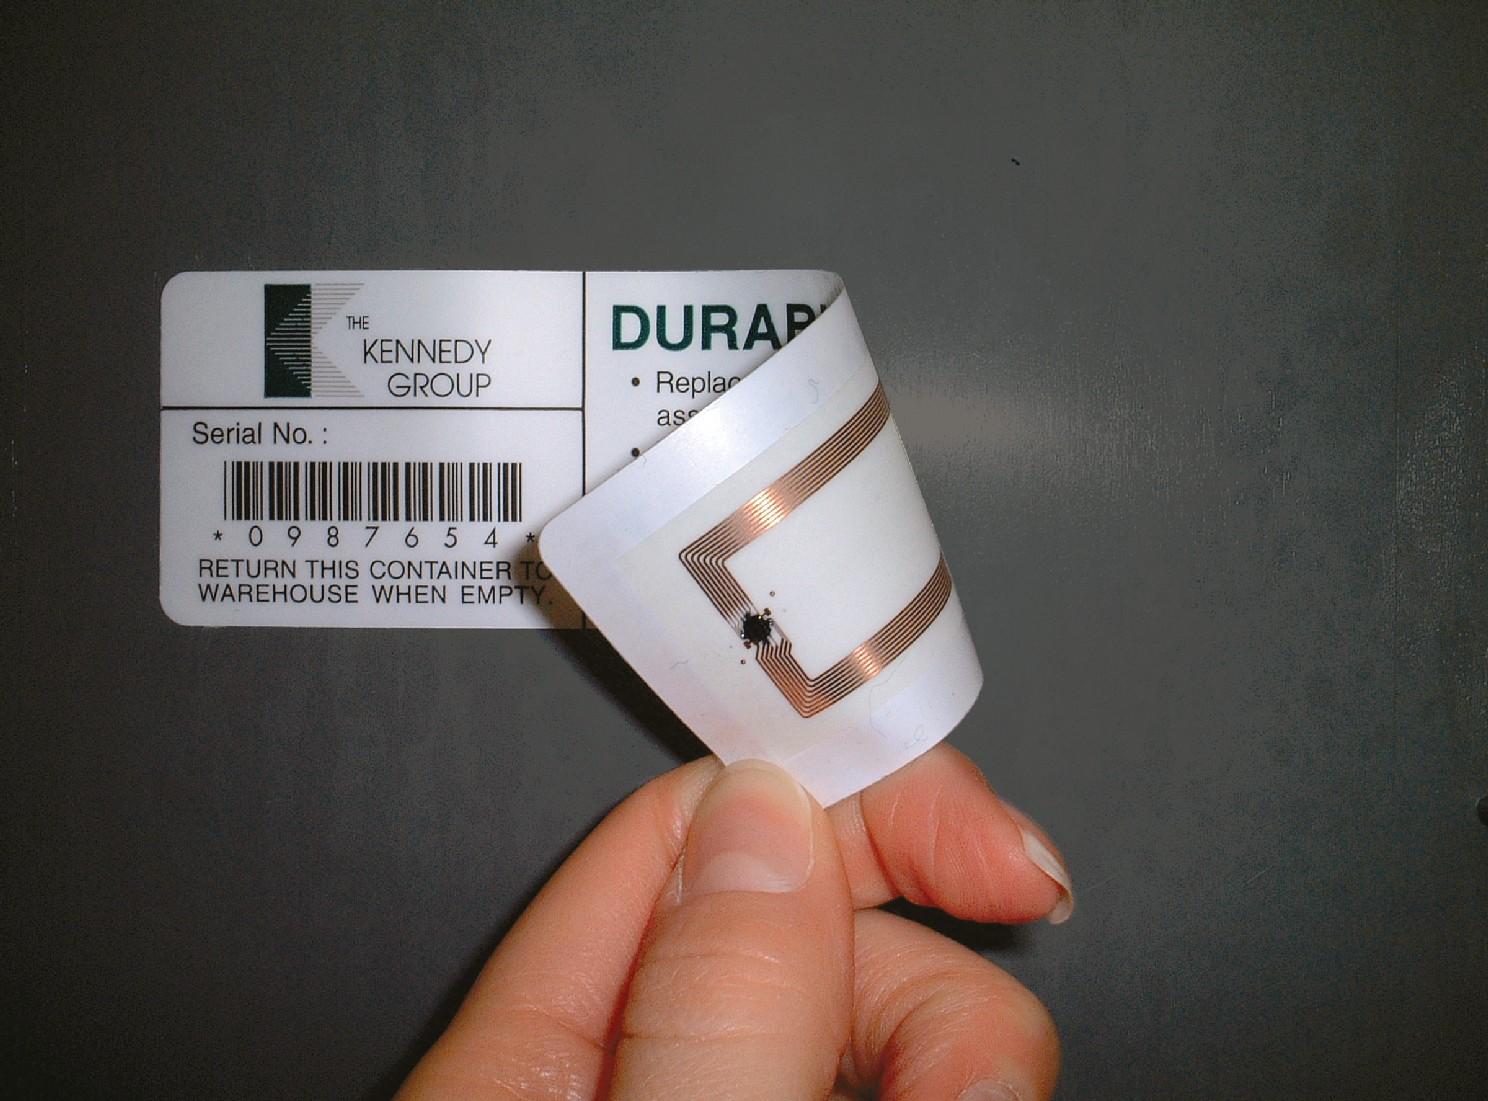 Dapat dibuat dengan ukuran compact dan berdaya tahan lama - 4 Fakta Mengenai RFID, Terobosan Teknologi Ticketing Piala Dunia 2018